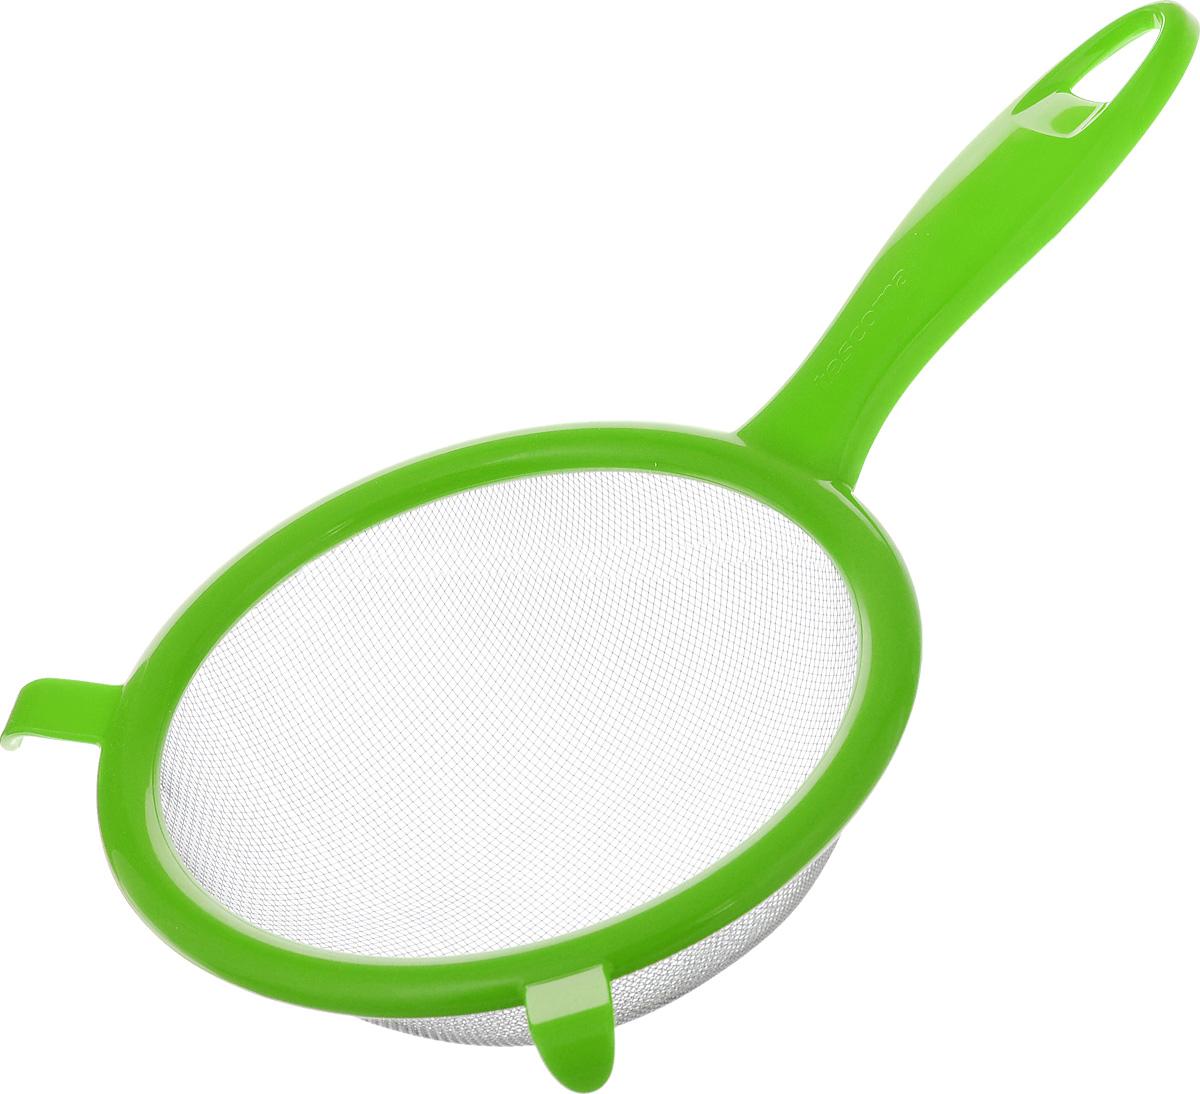 Сито Tescoma Presto, цвет: светло-зеленый, диаметр 14 см420604_светло-зеленыйСито Tescoma Presto изготовлено из высококачественной нержавеющей стали и прочного пластика. Изделие снабжено двумя выступами для установки на кастрюлю. Ручка снабжена отверстием для подвешивания на крючок. Сито предназначено для процеживания круп и макарон, просеивания муки, промывания ягод и фруктов. Такое сито станет незаменимым аксессуаром на вашей кухне. Можно мыть в посудомоечной машине. Диаметр сита: 14 см. Длина (с учетом ручки): 25 см.